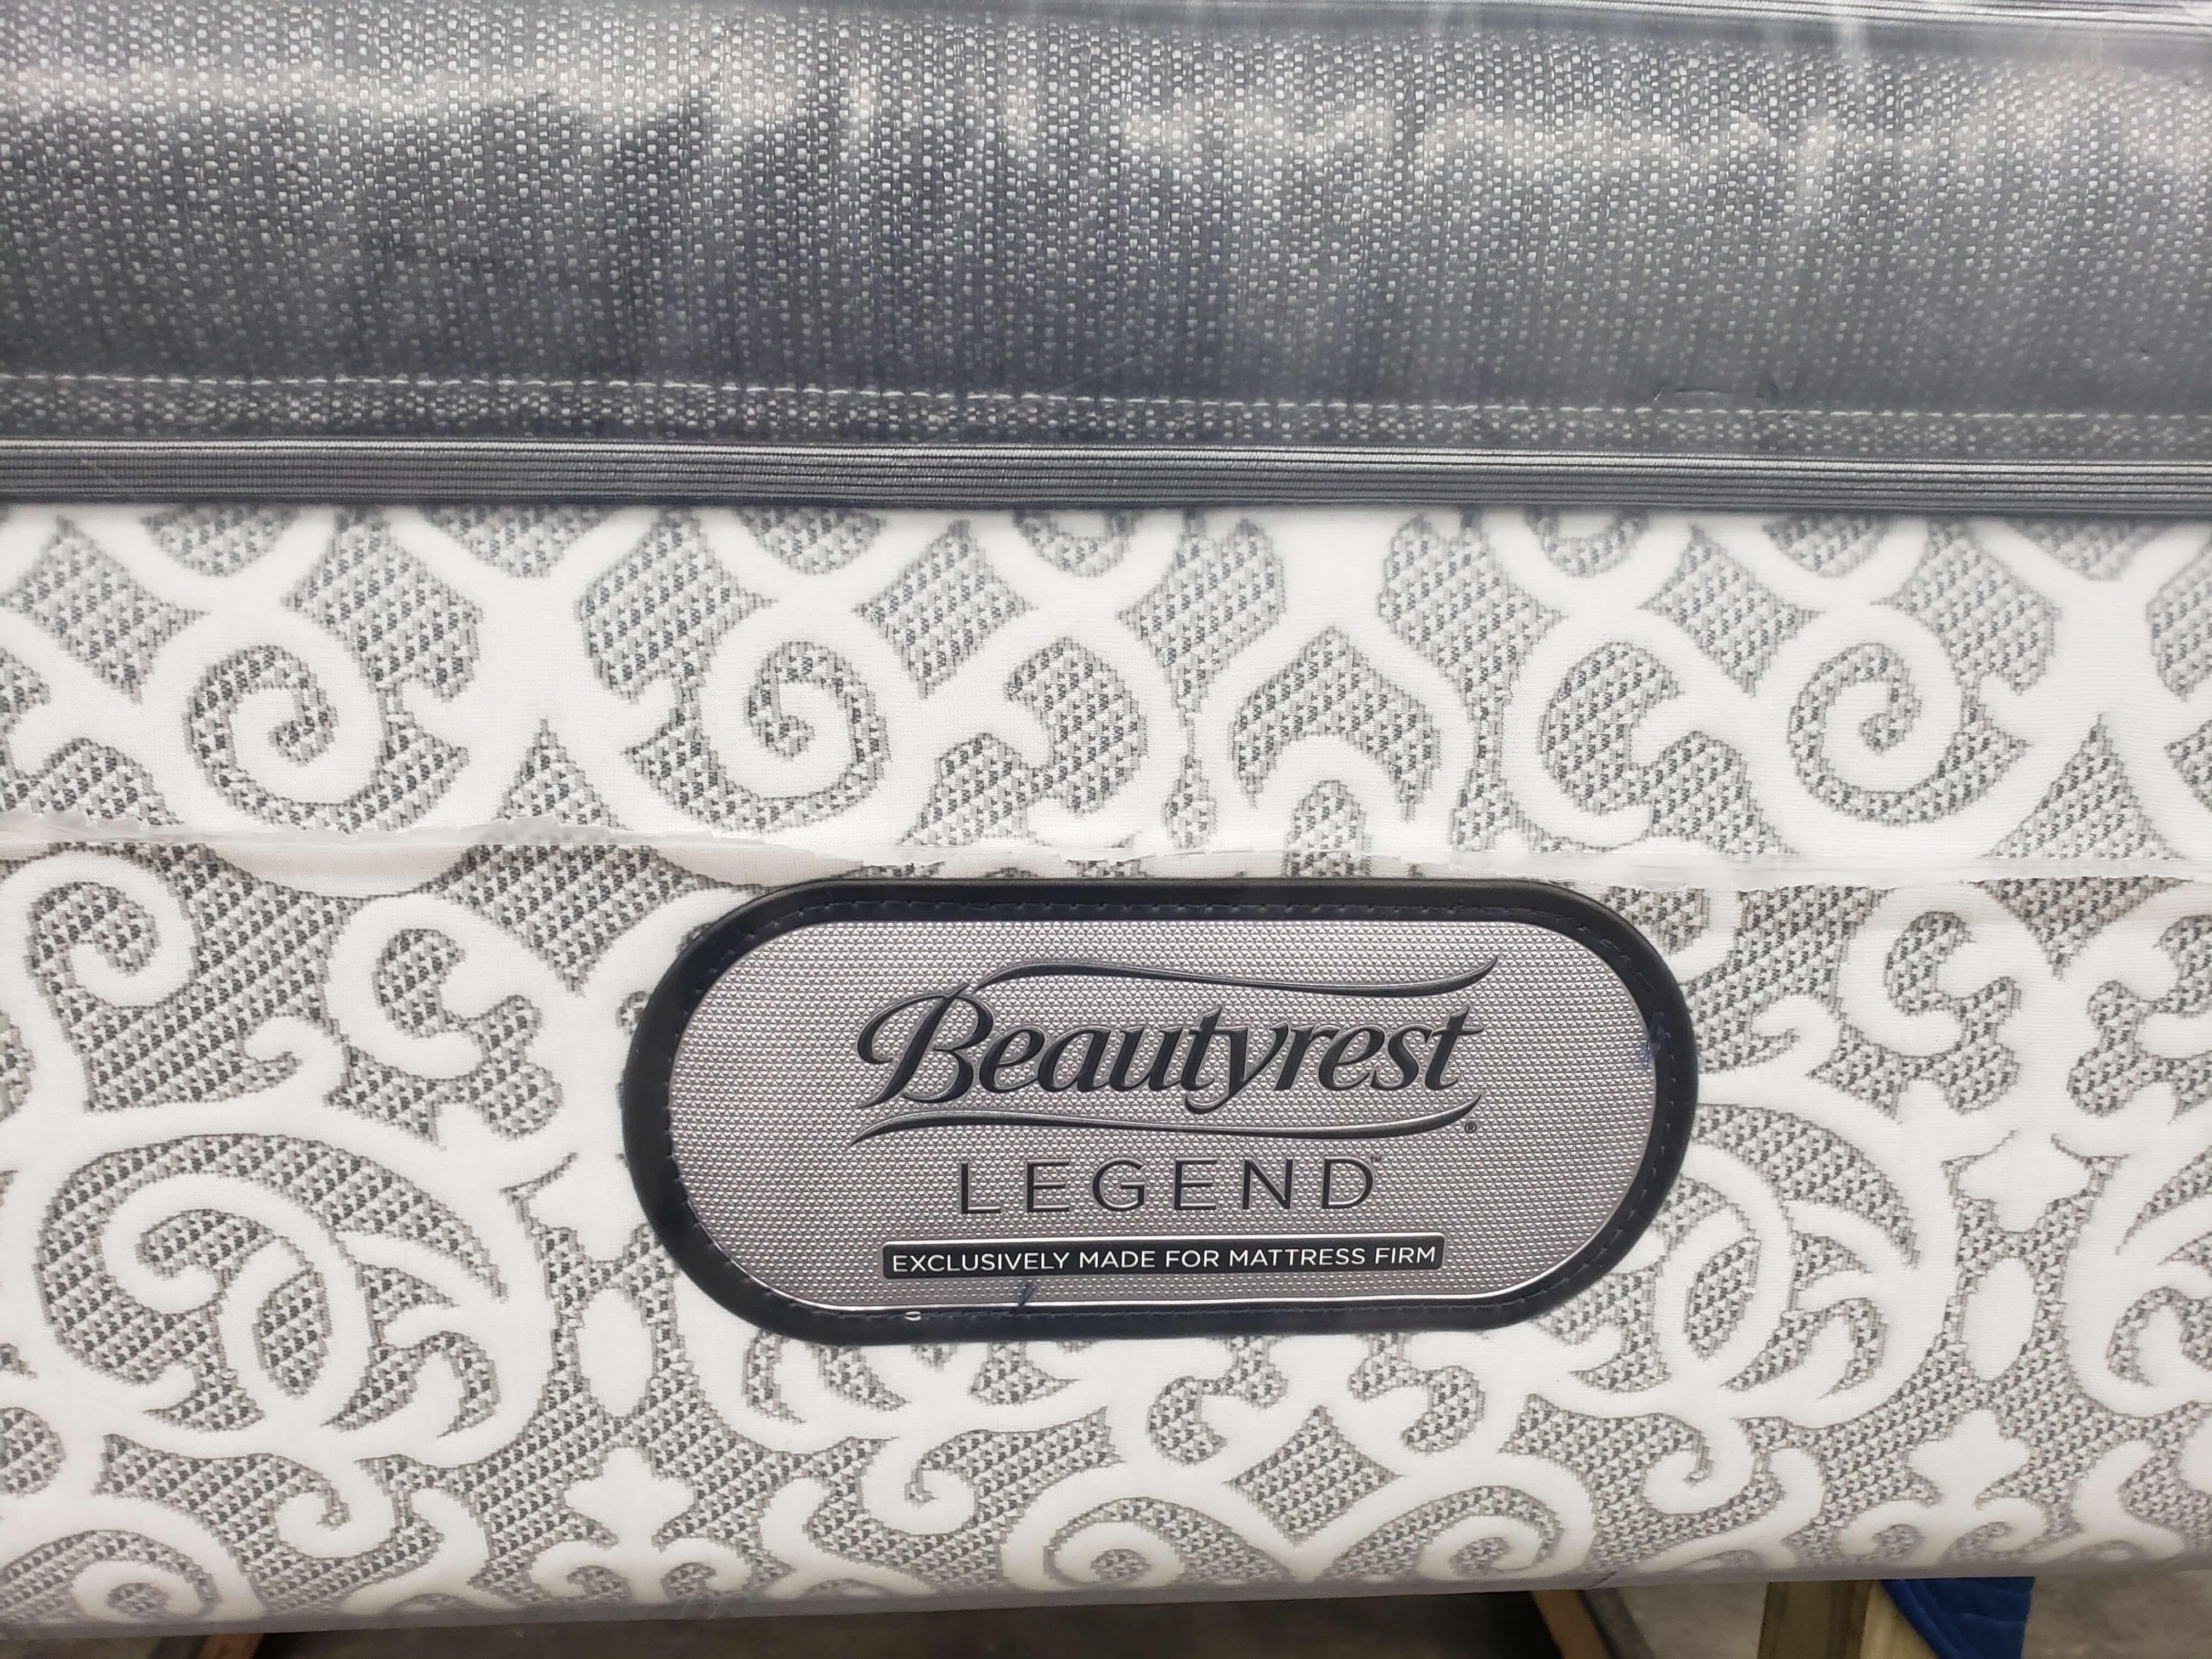 Simmons Beautryrest Legend Bradford 16 8 Quot Pillowtop Queen